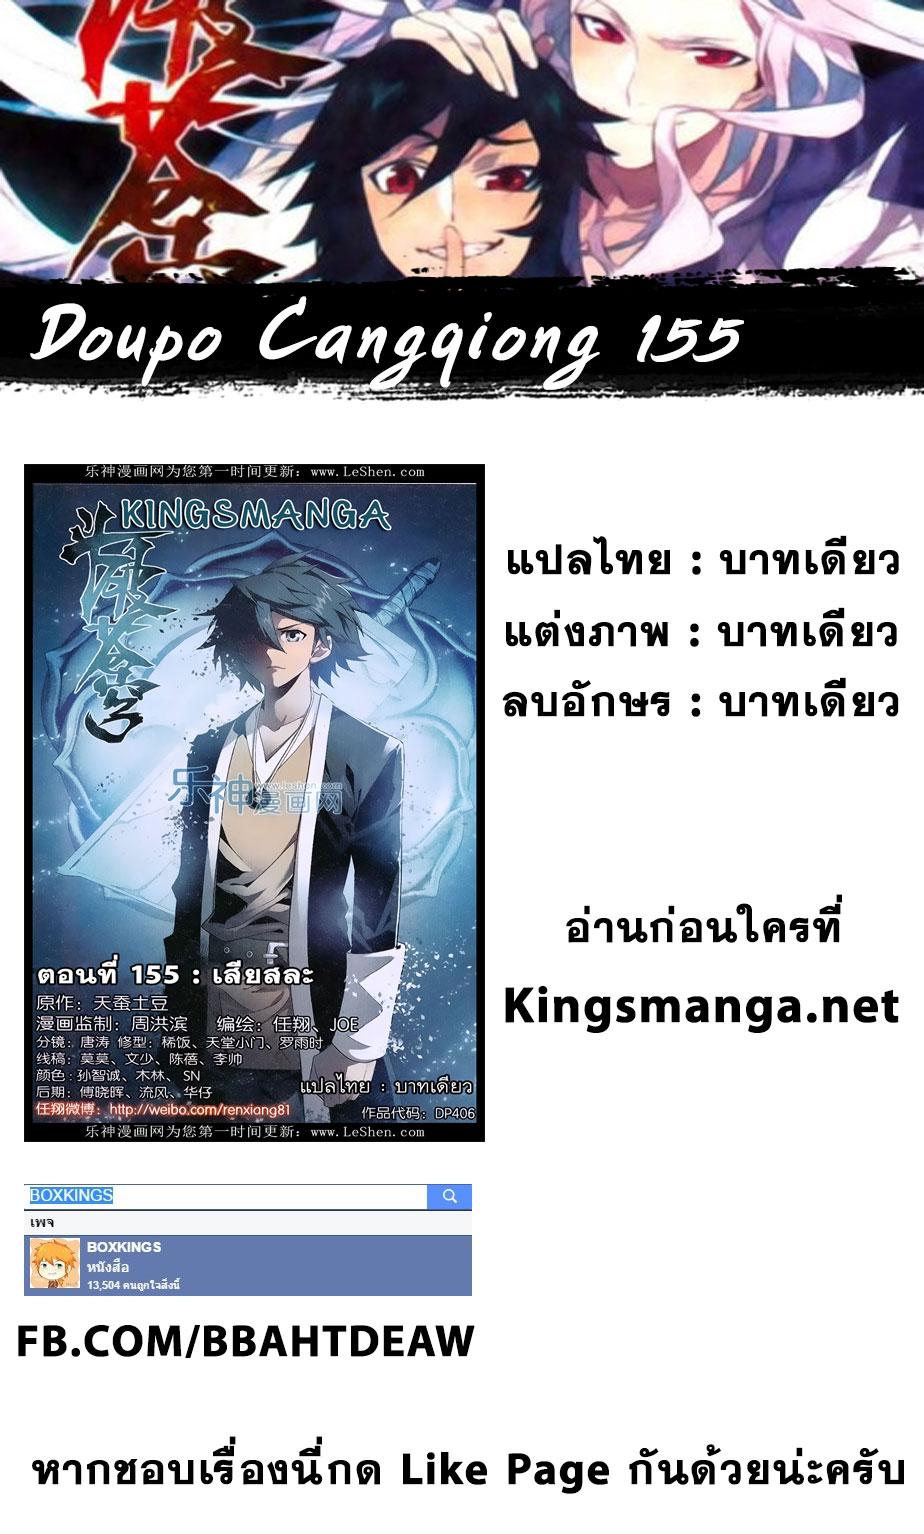 อ่านการ์ตูน Doupo Cangqiong 155 ภาพที่ 22